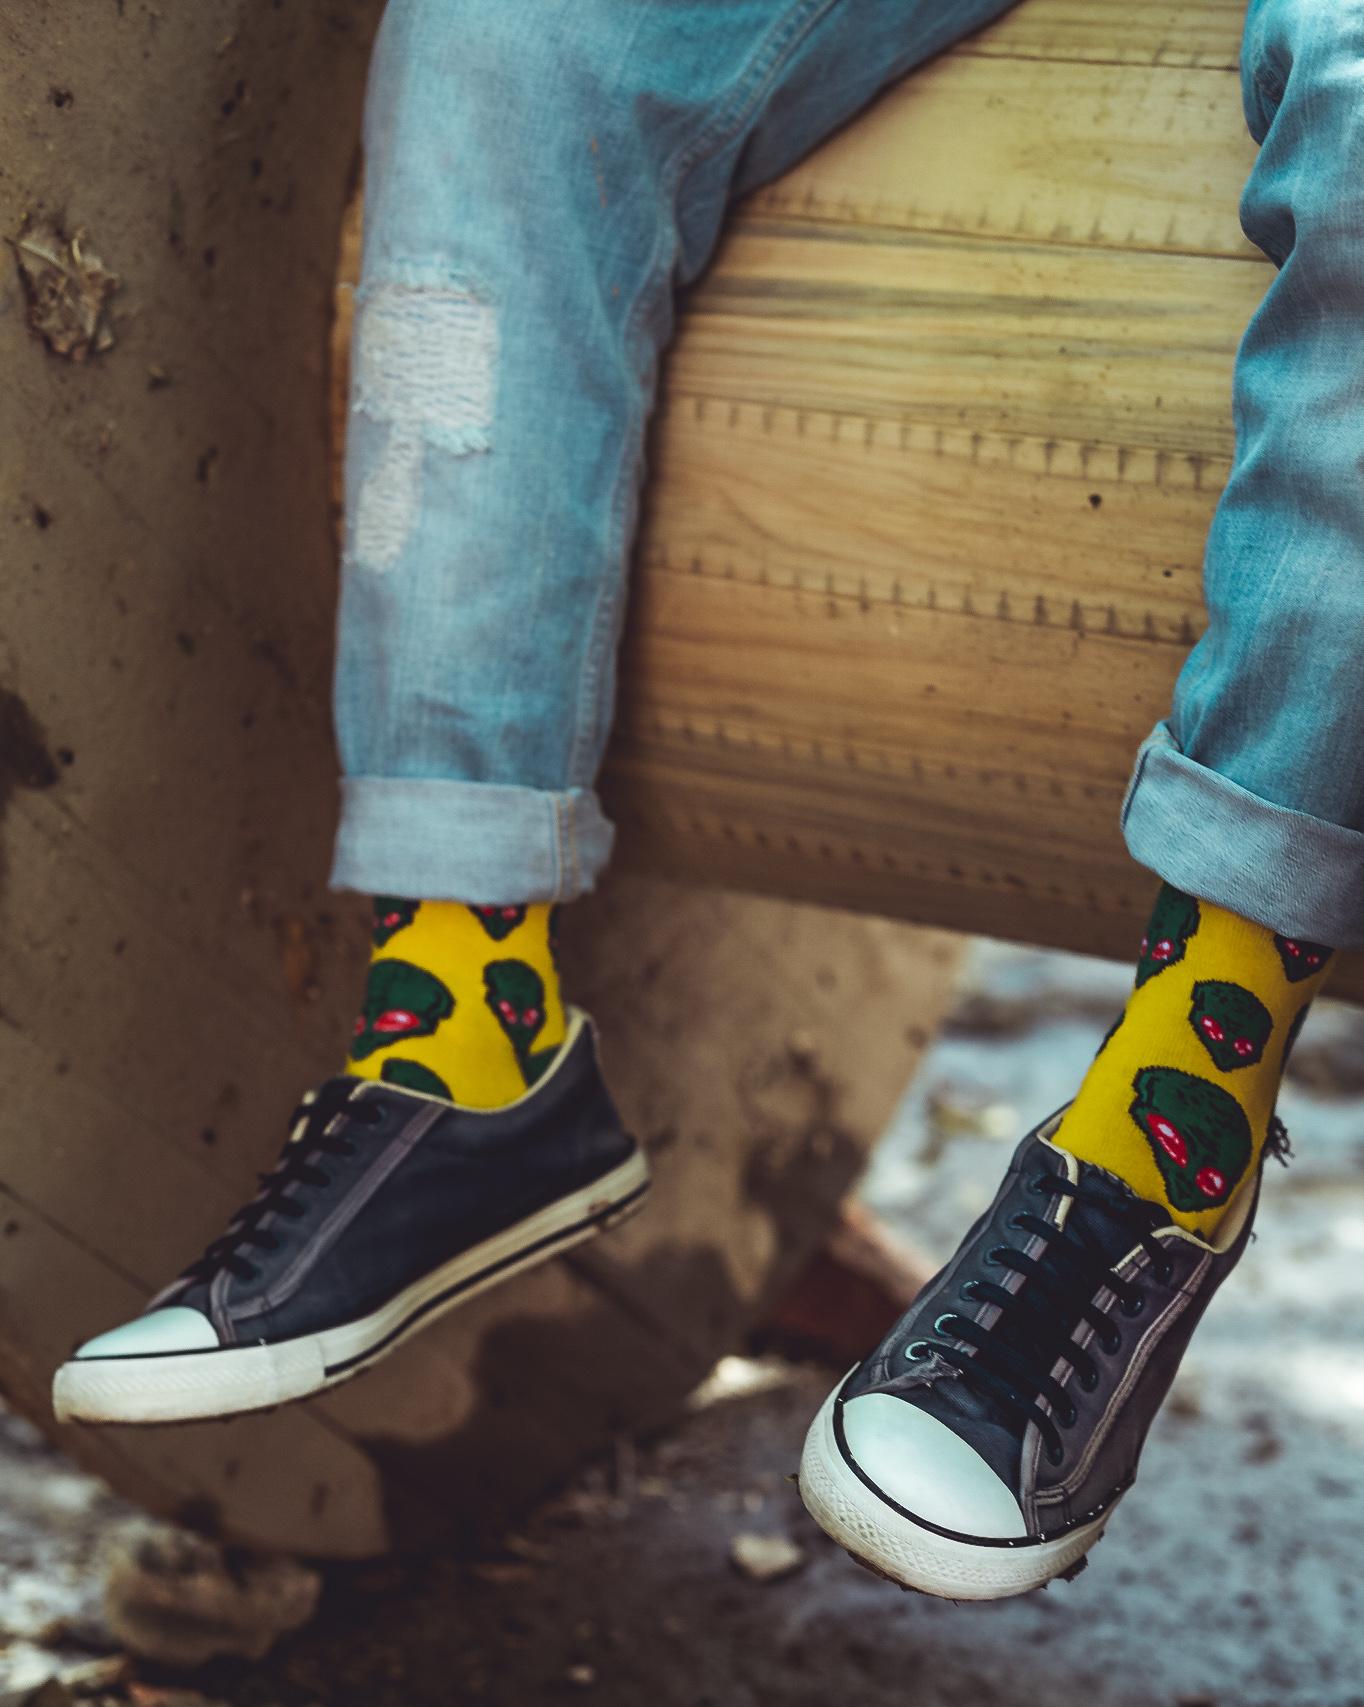 Dynamocks alien socks for men & Women